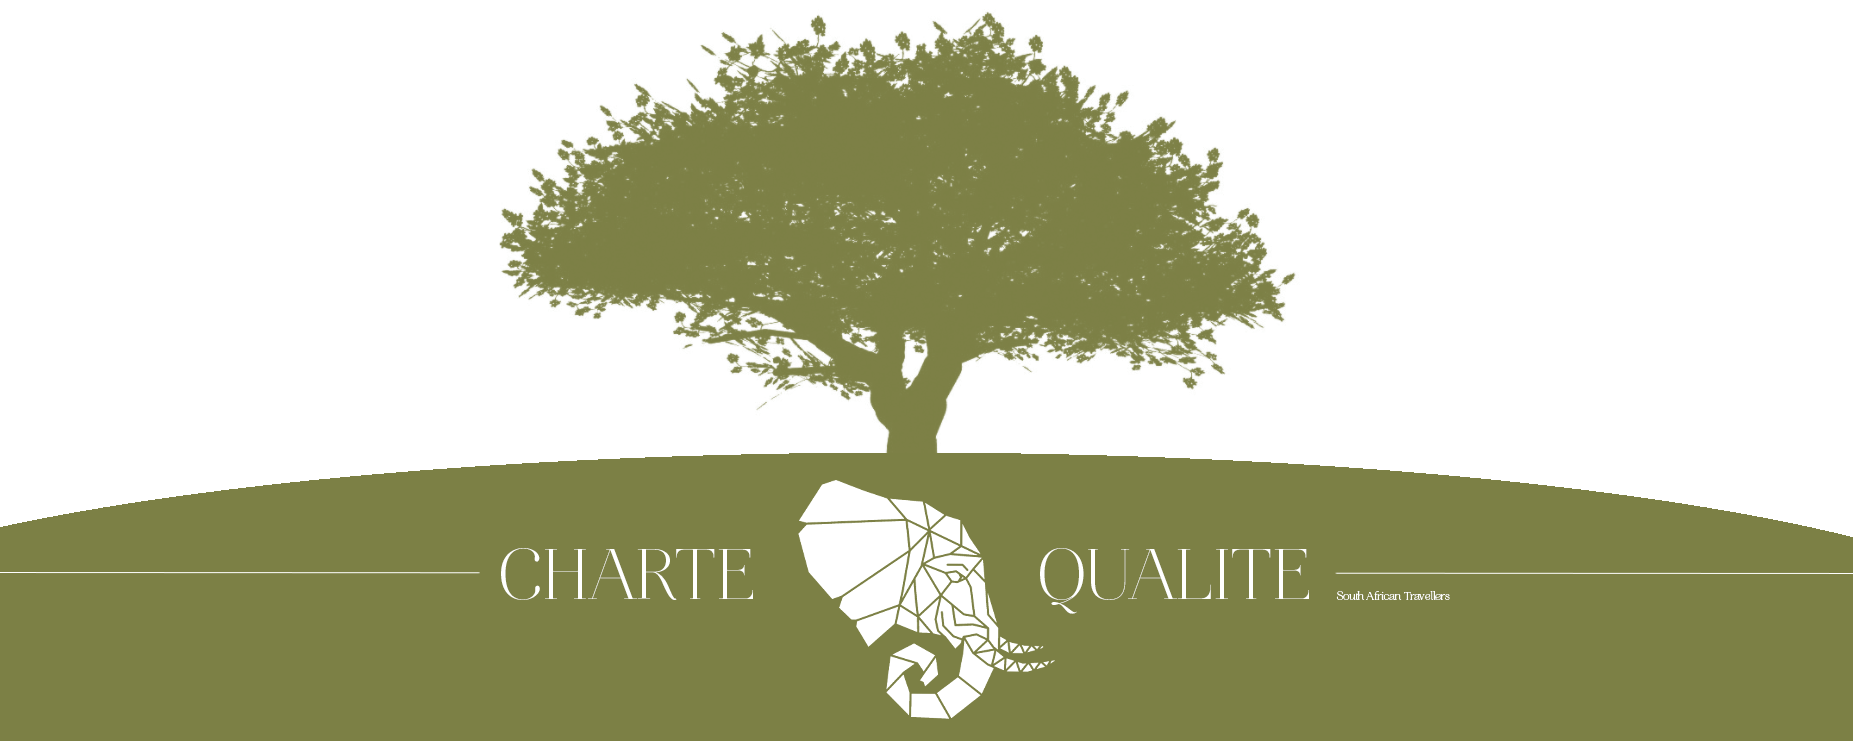 Charte qualité